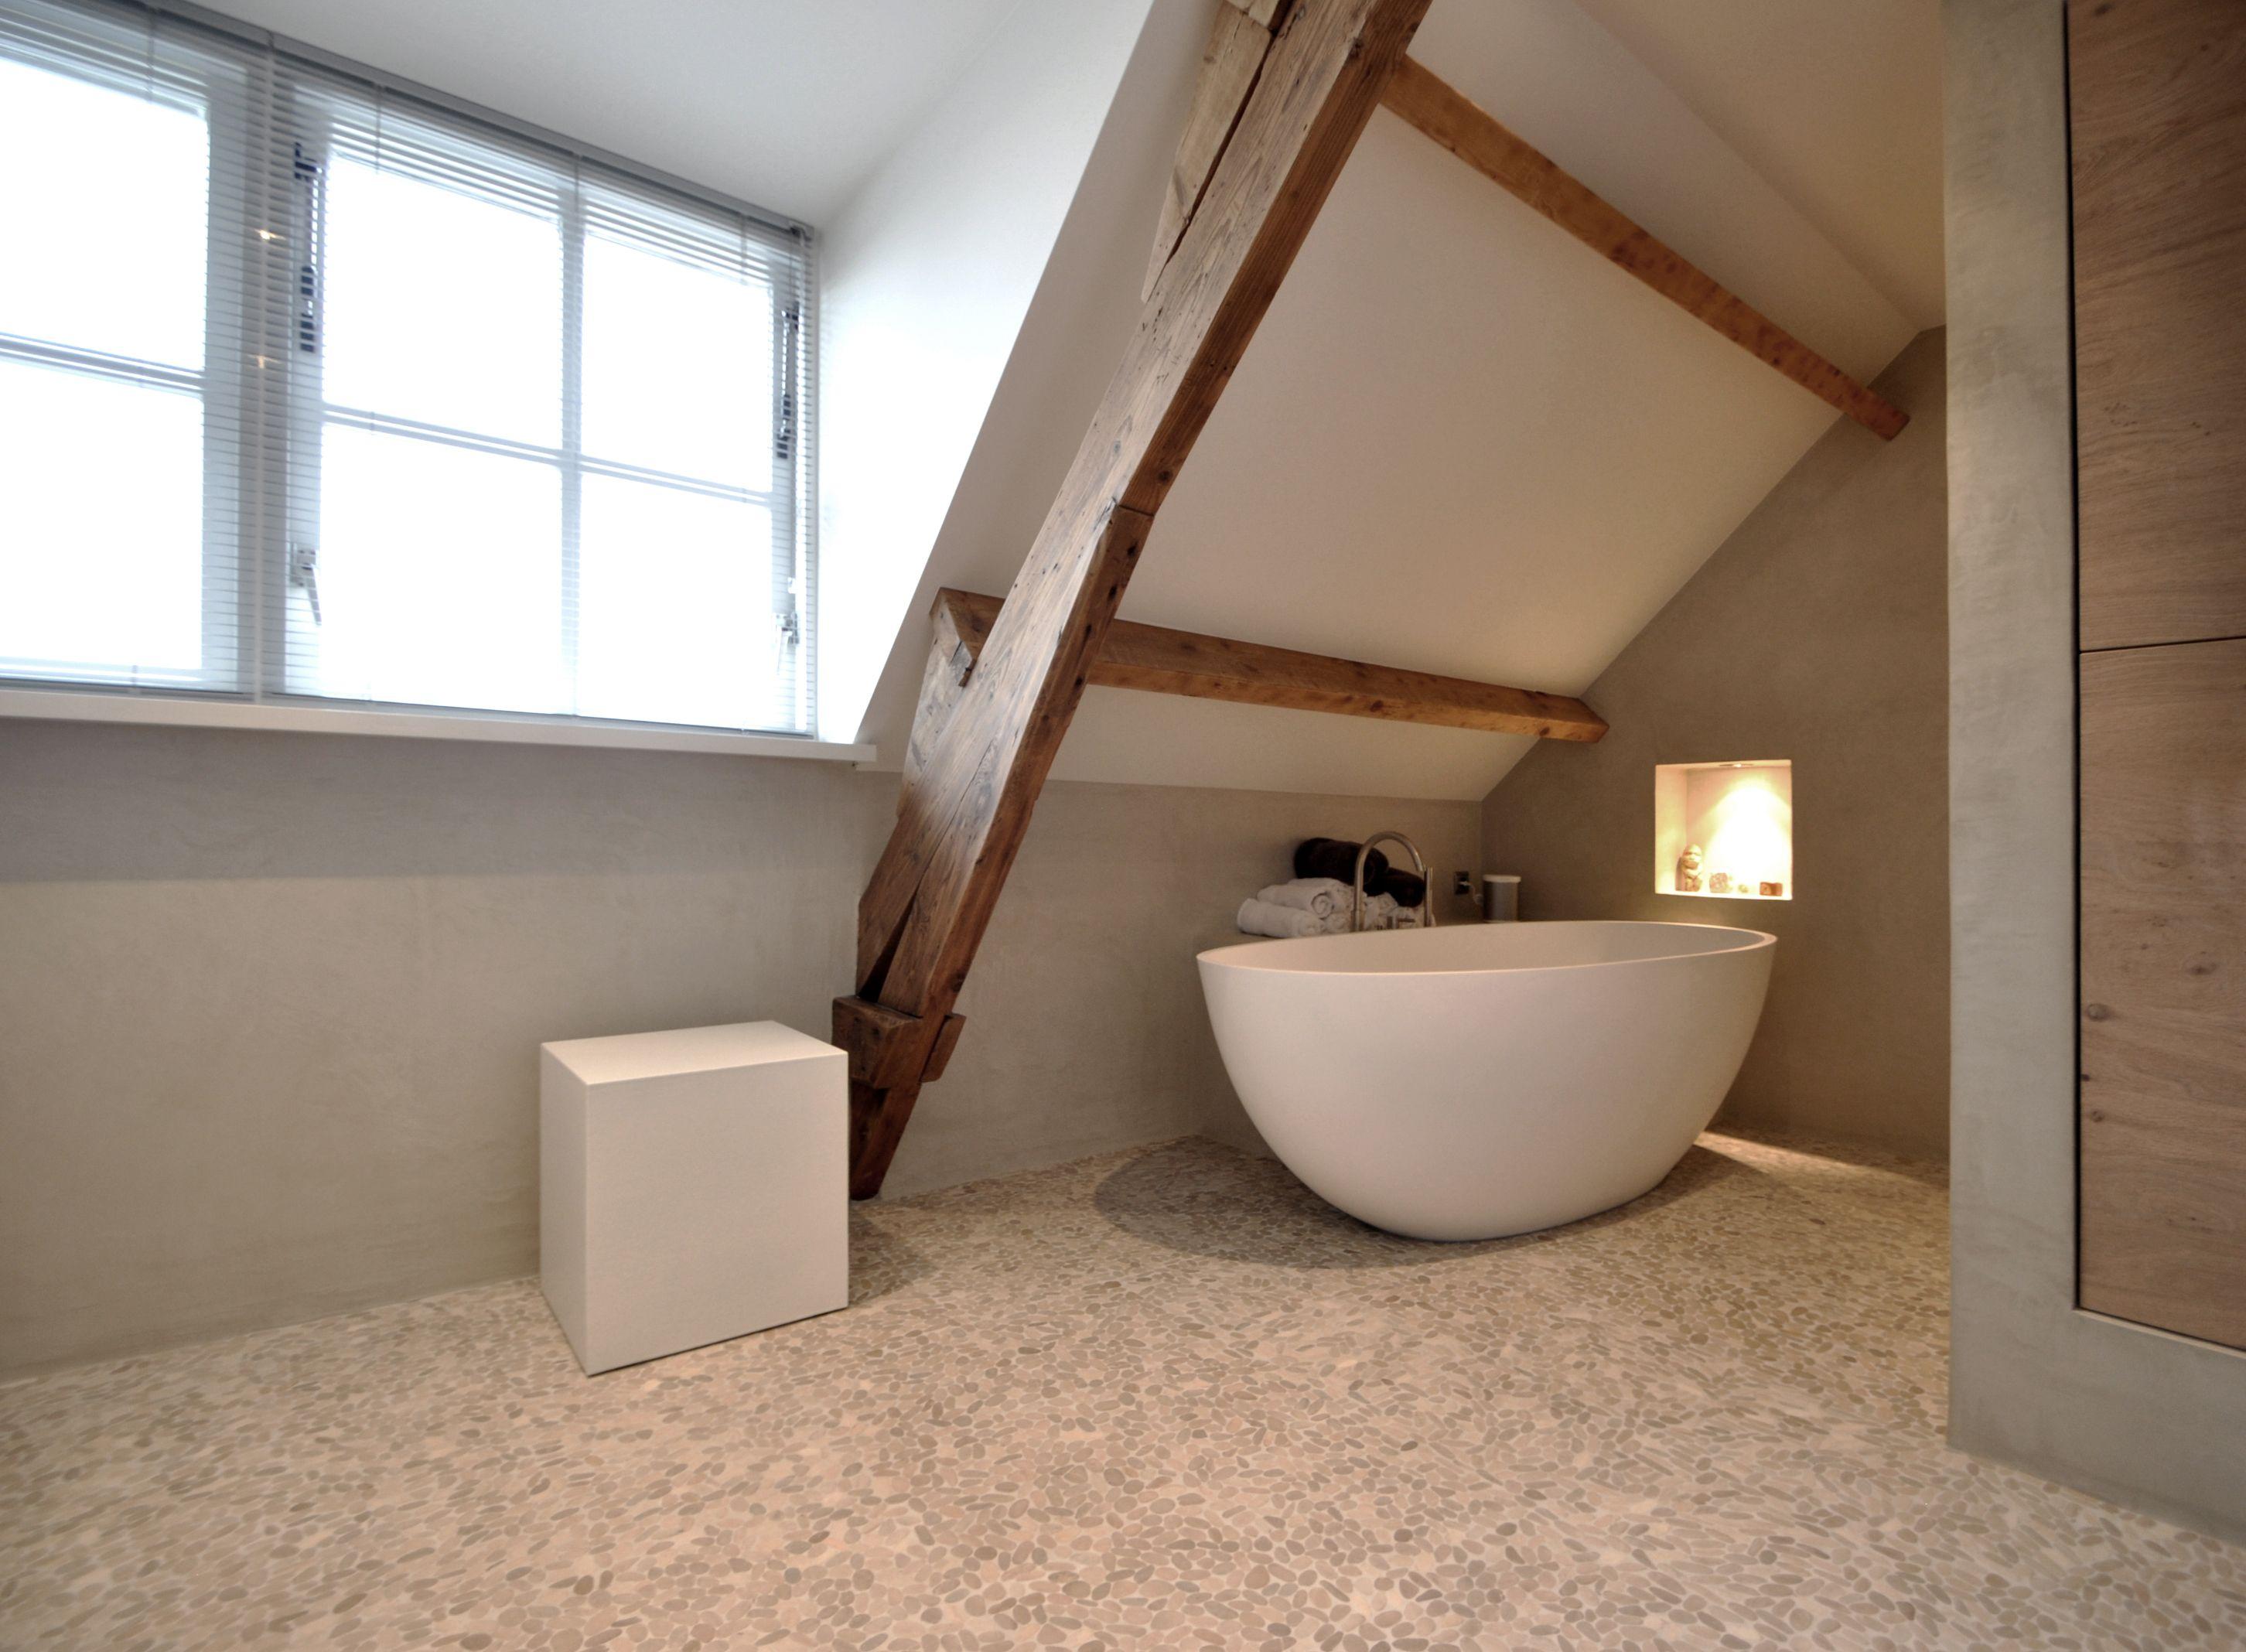 Sober en stoer betonstuc van herijgers badkamers www.herijgers.nl